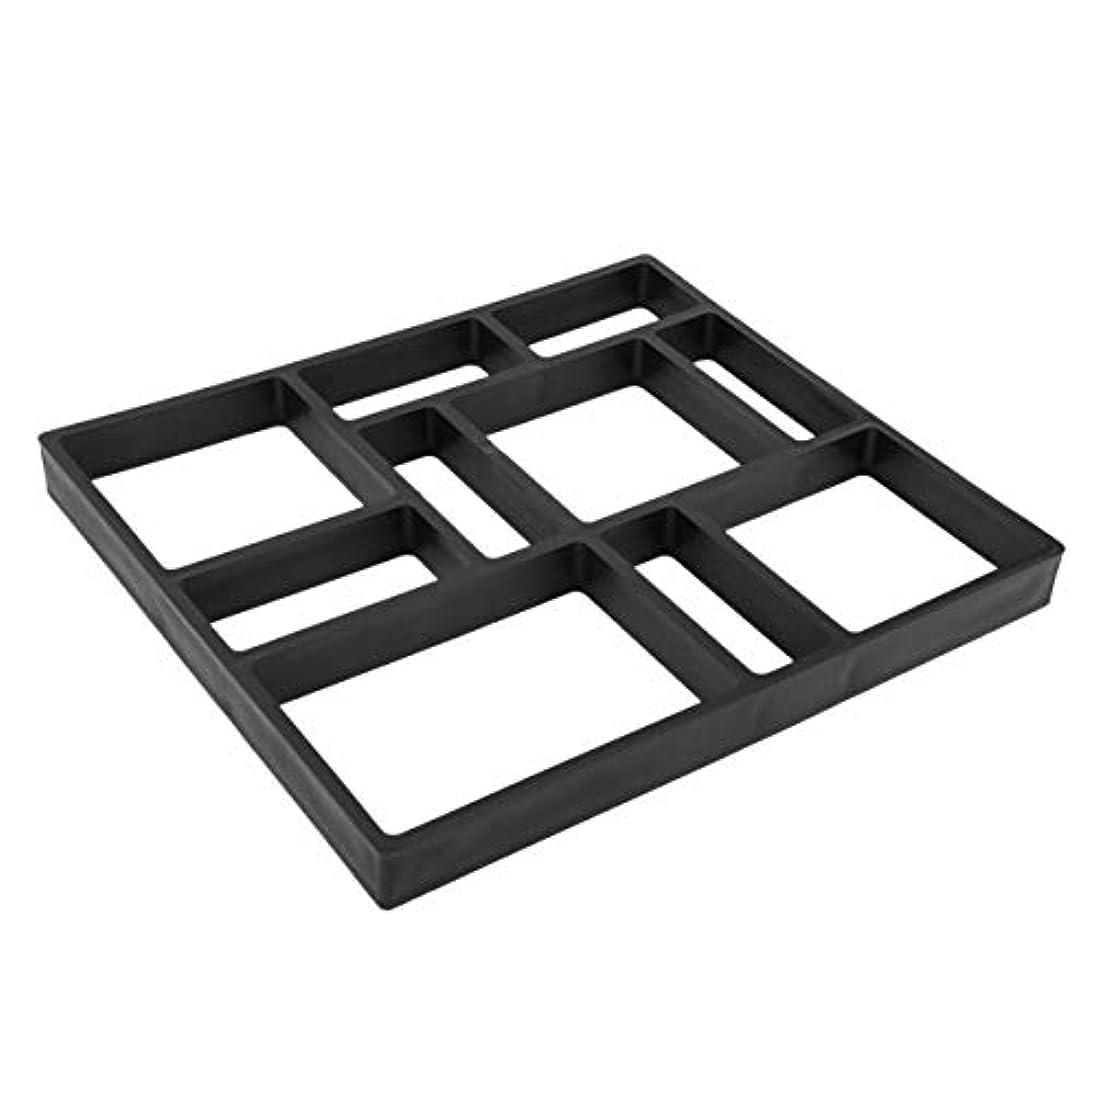 かもめうなずく長さSaikogoods DIY不規則な/矩形パターンパーソナライズされた舗装のコンクリートレンガ石屋外装飾庭パスのメーカー芝生 黒